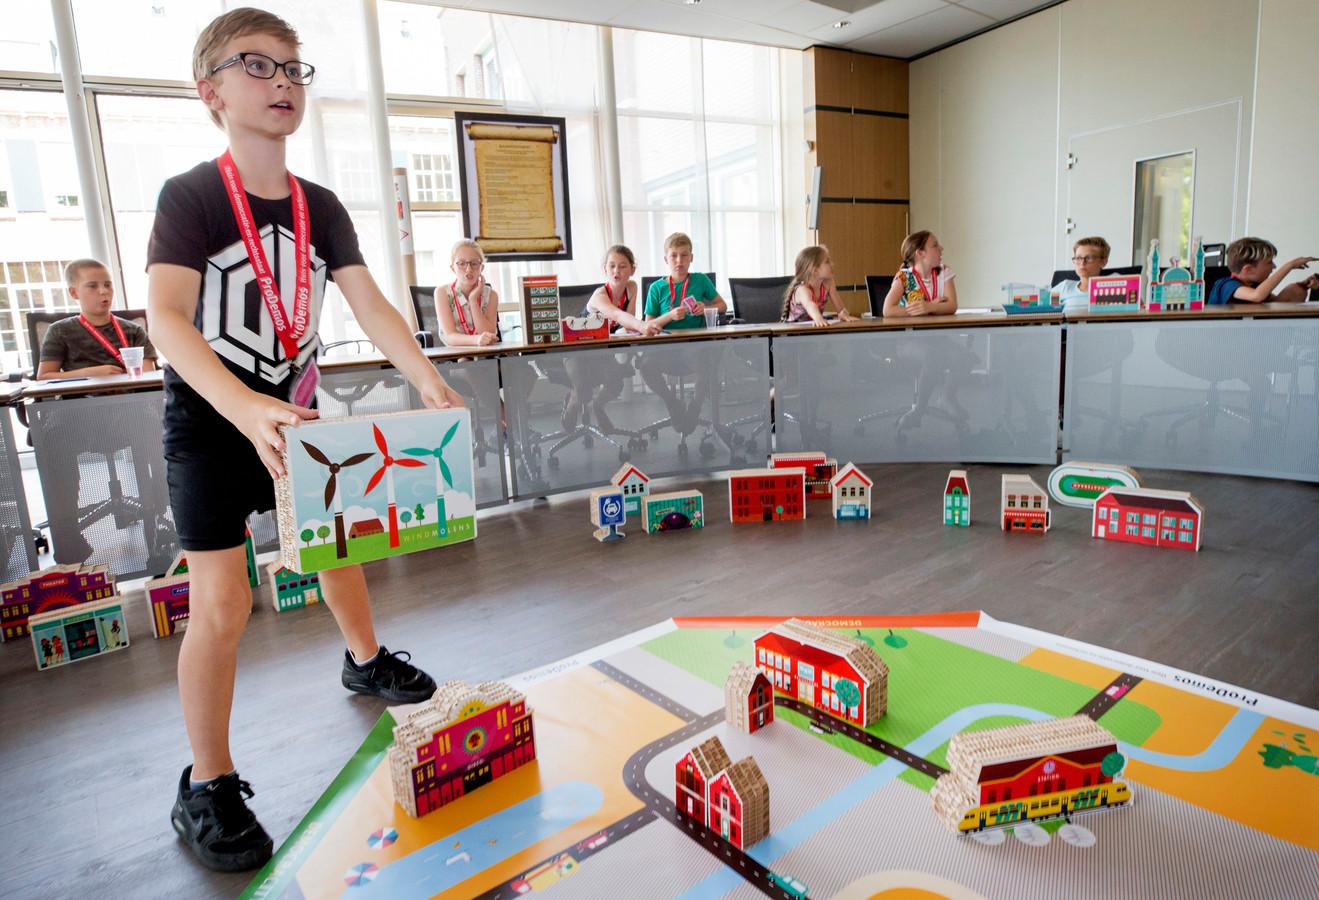 Kinderen van basisschool De Schoof spelen het educatieve spel Democracity.